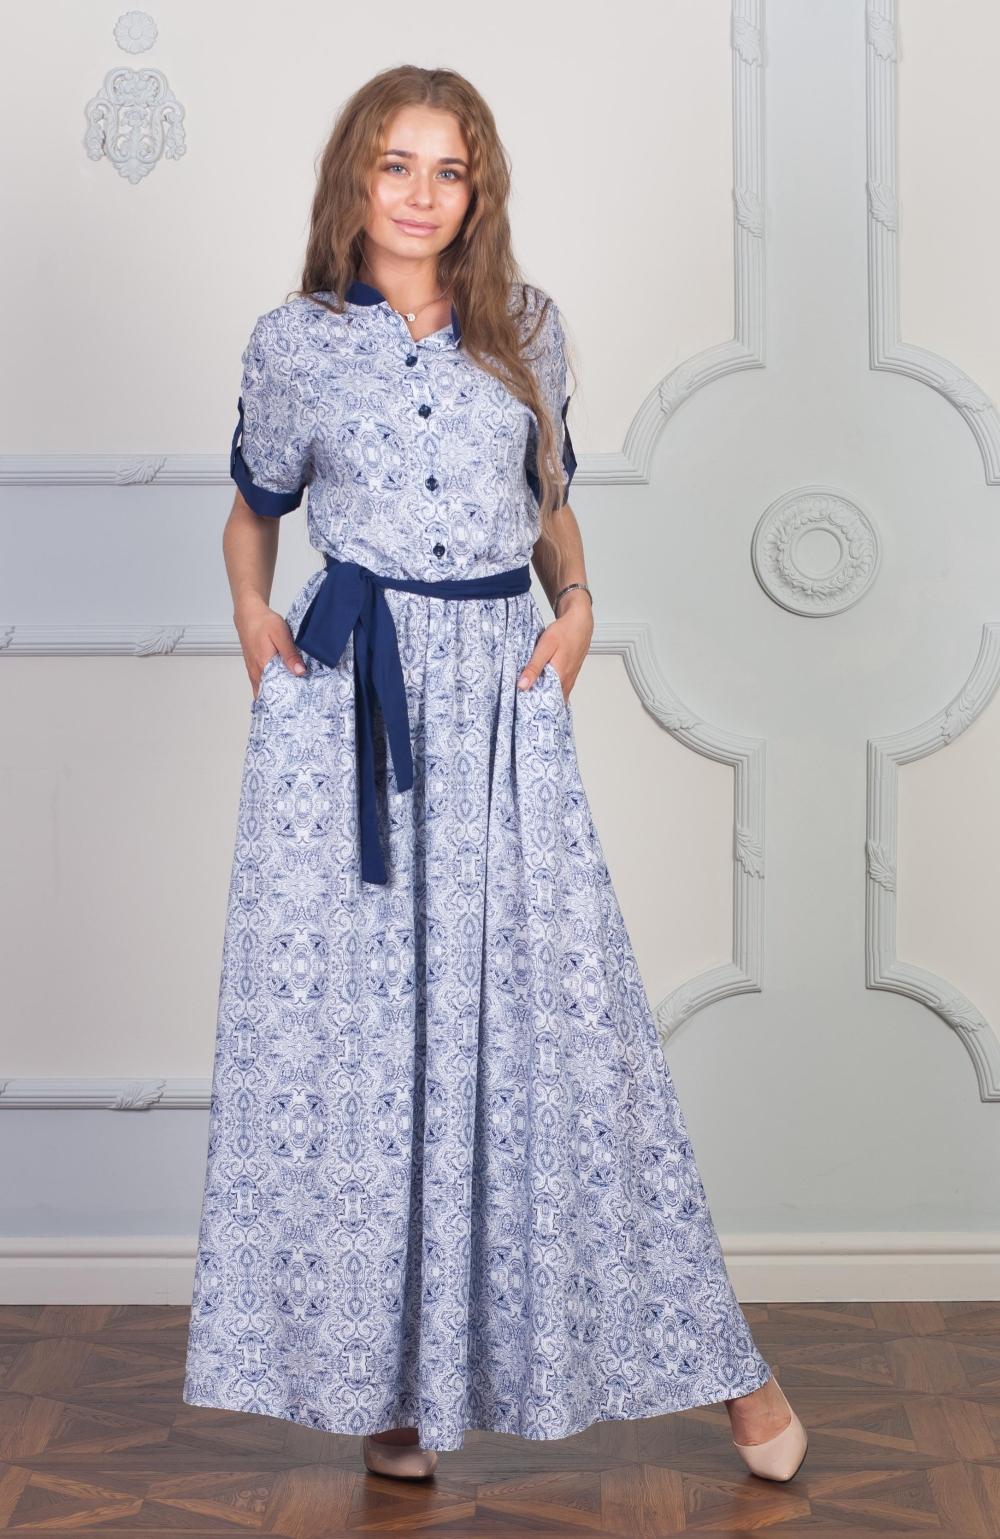 ПлатьеПлатья<br>Платье в пол с контрастными деталями. Модель выполнена из хлопкового материала. Отличный выбор для любого случая. Платье без пояса.  Цвет: голубой, белый, синий  Ростовка изделия 170 см.<br><br>Воротник: Стойка<br>По длине: Макси<br>По материалу: Хлопок<br>По образу: Город,Свидание<br>По рисунку: С принтом,Цветные<br>По силуэту: Полуприталенные<br>По стилю: Повседневный стиль<br>По форме: Платье - трапеция<br>По элементам: С патами<br>Рукав: До локтя<br>По сезону: Лето<br>Размер : 42,44<br>Материал: Хлопок<br>Количество в наличии: 2